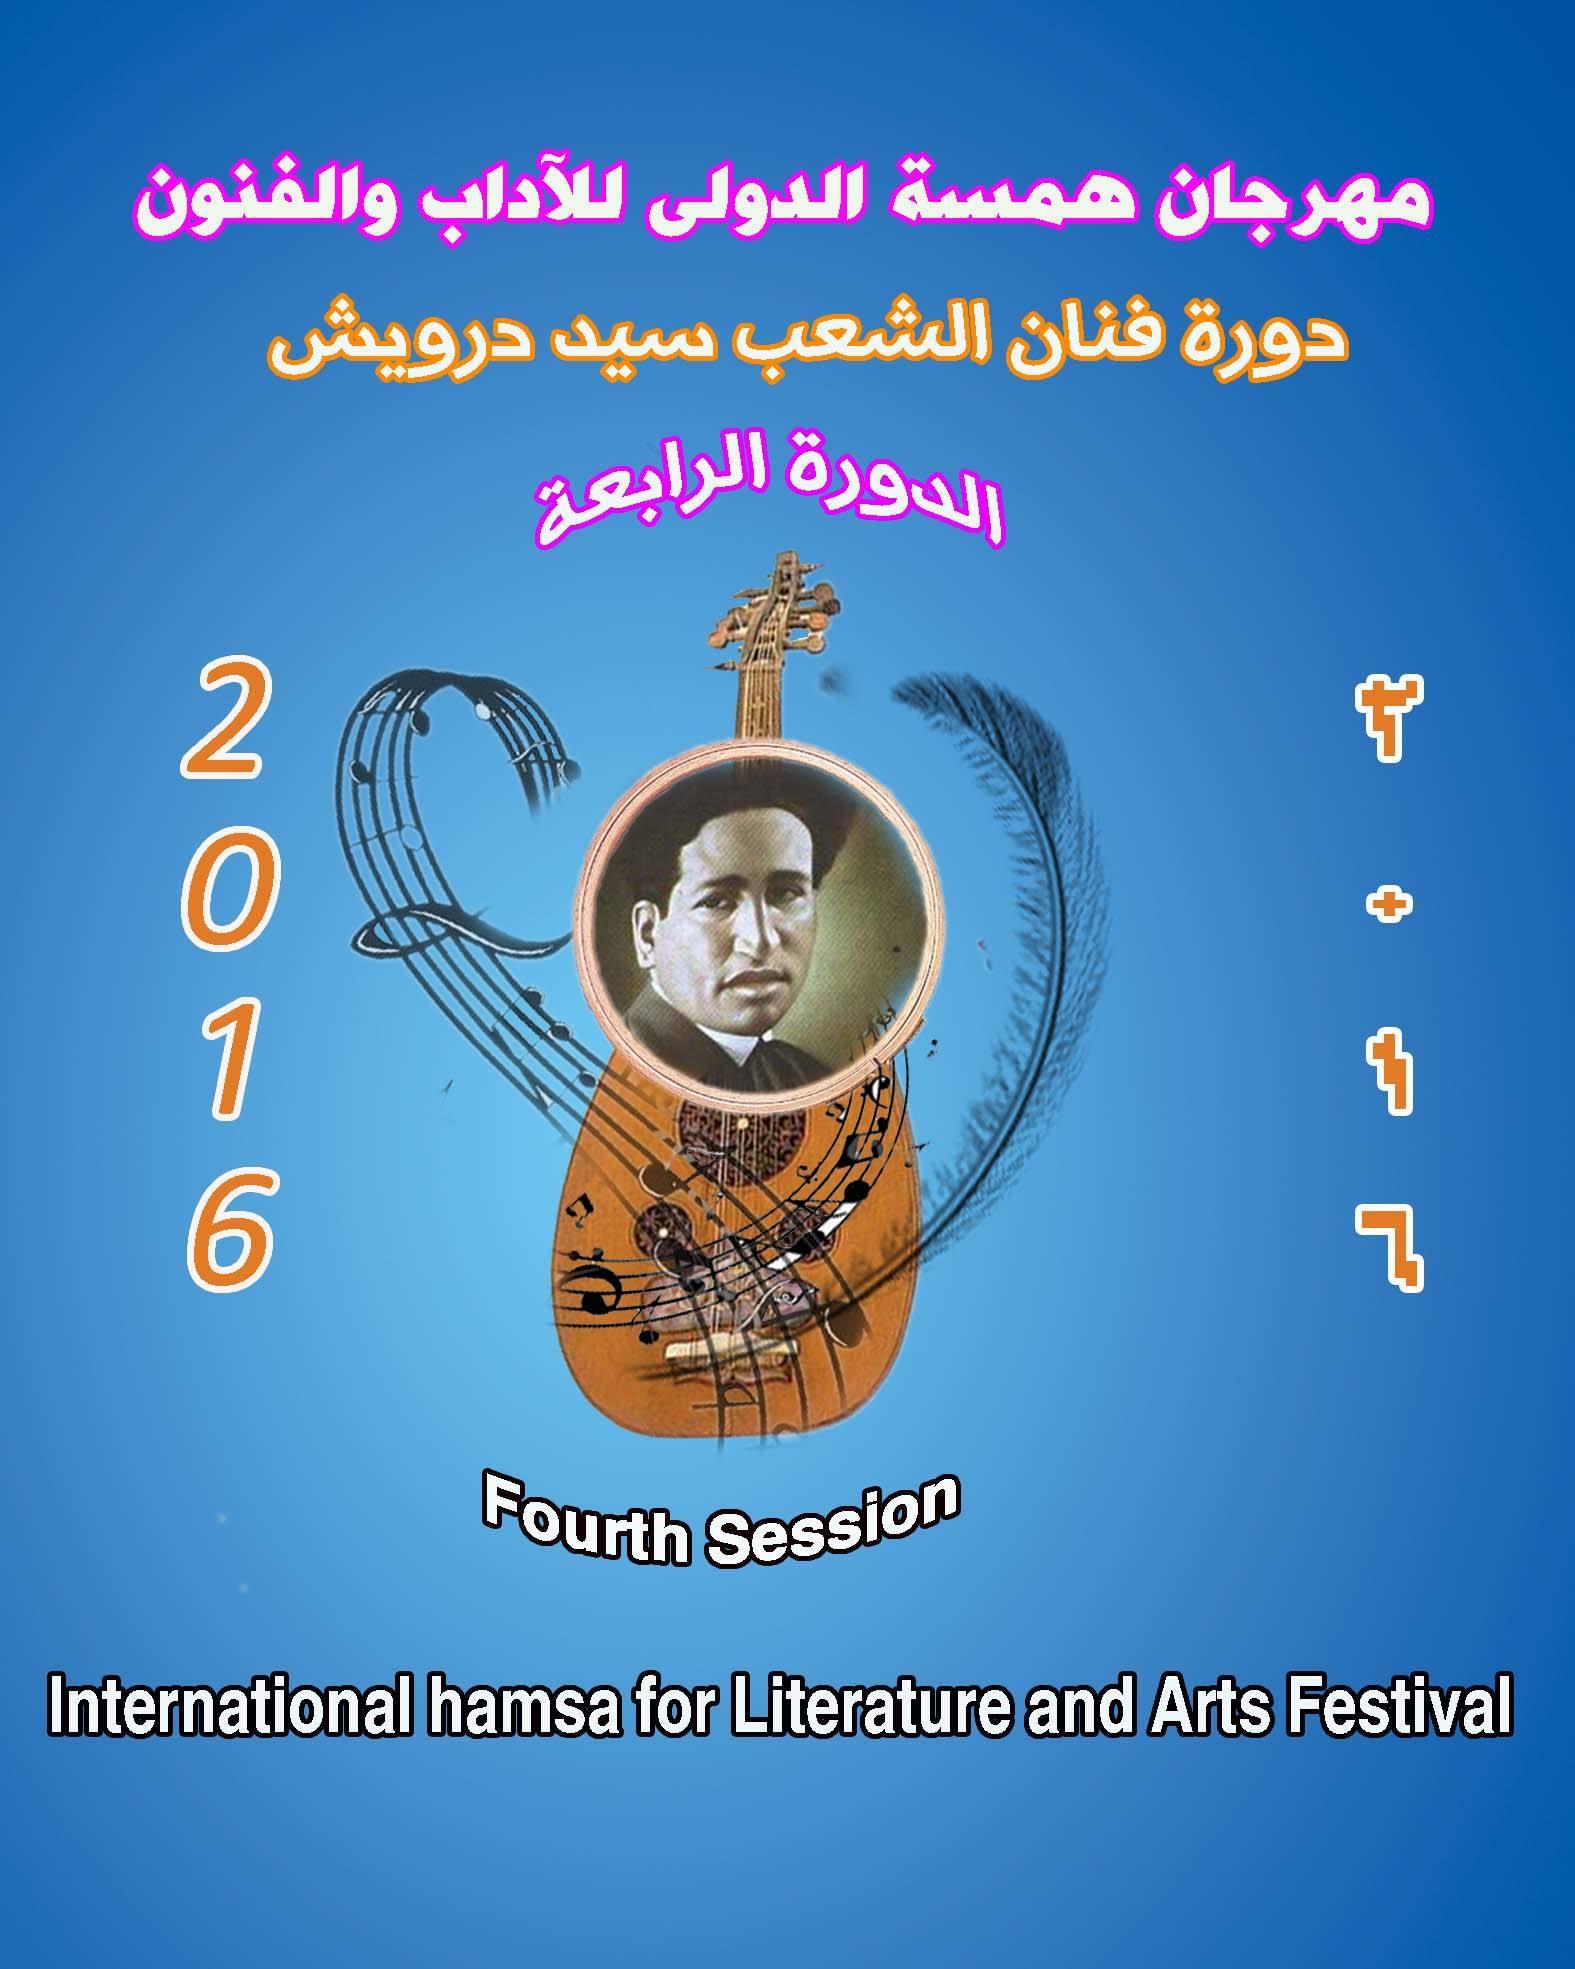 مسابقات مهرجان همسة الدولى للآداب والفنون لعام 2016